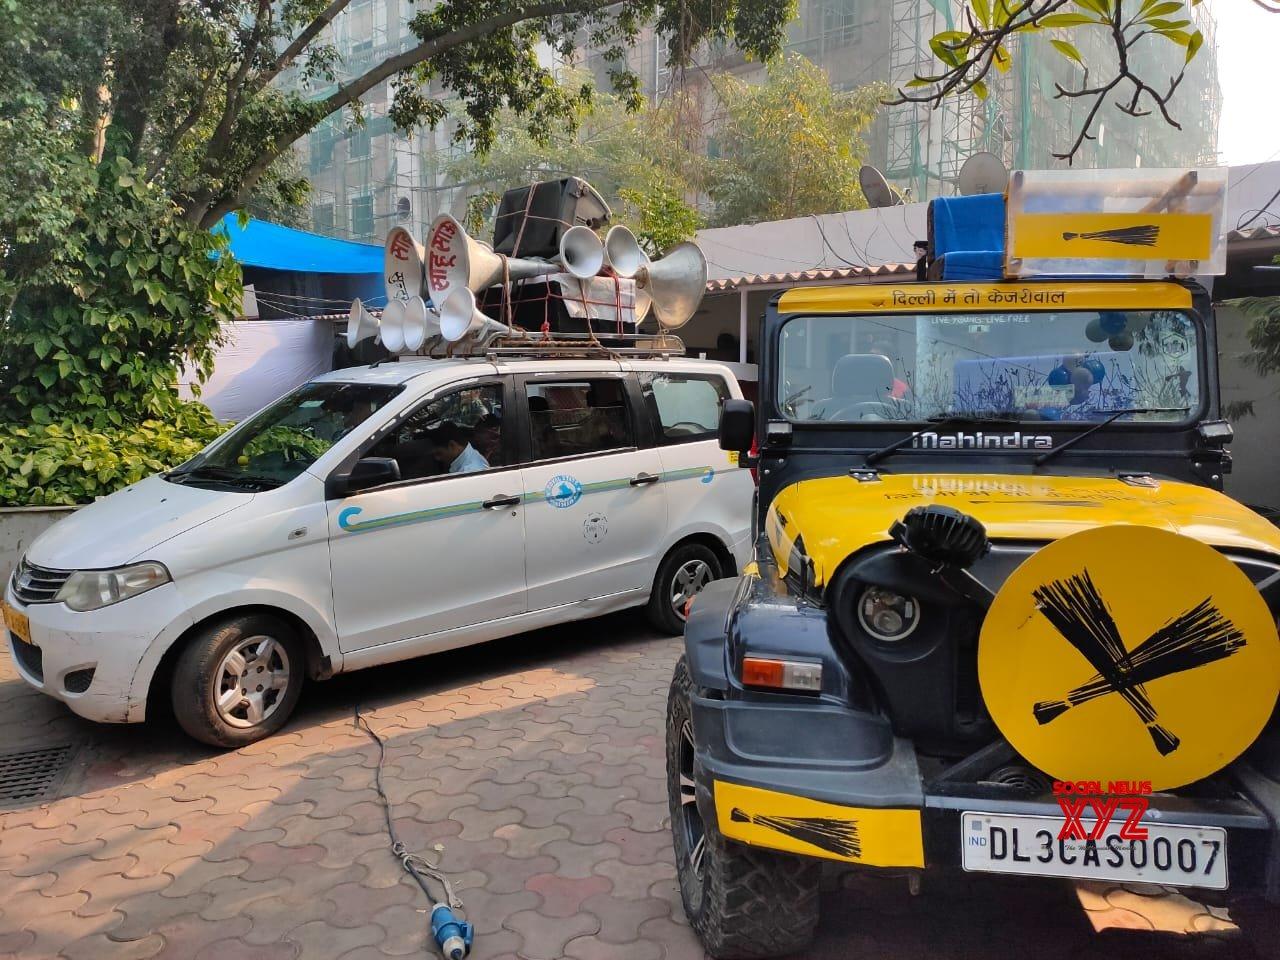 New Delhi: Kejriwal's roadshow jeep #Gallery